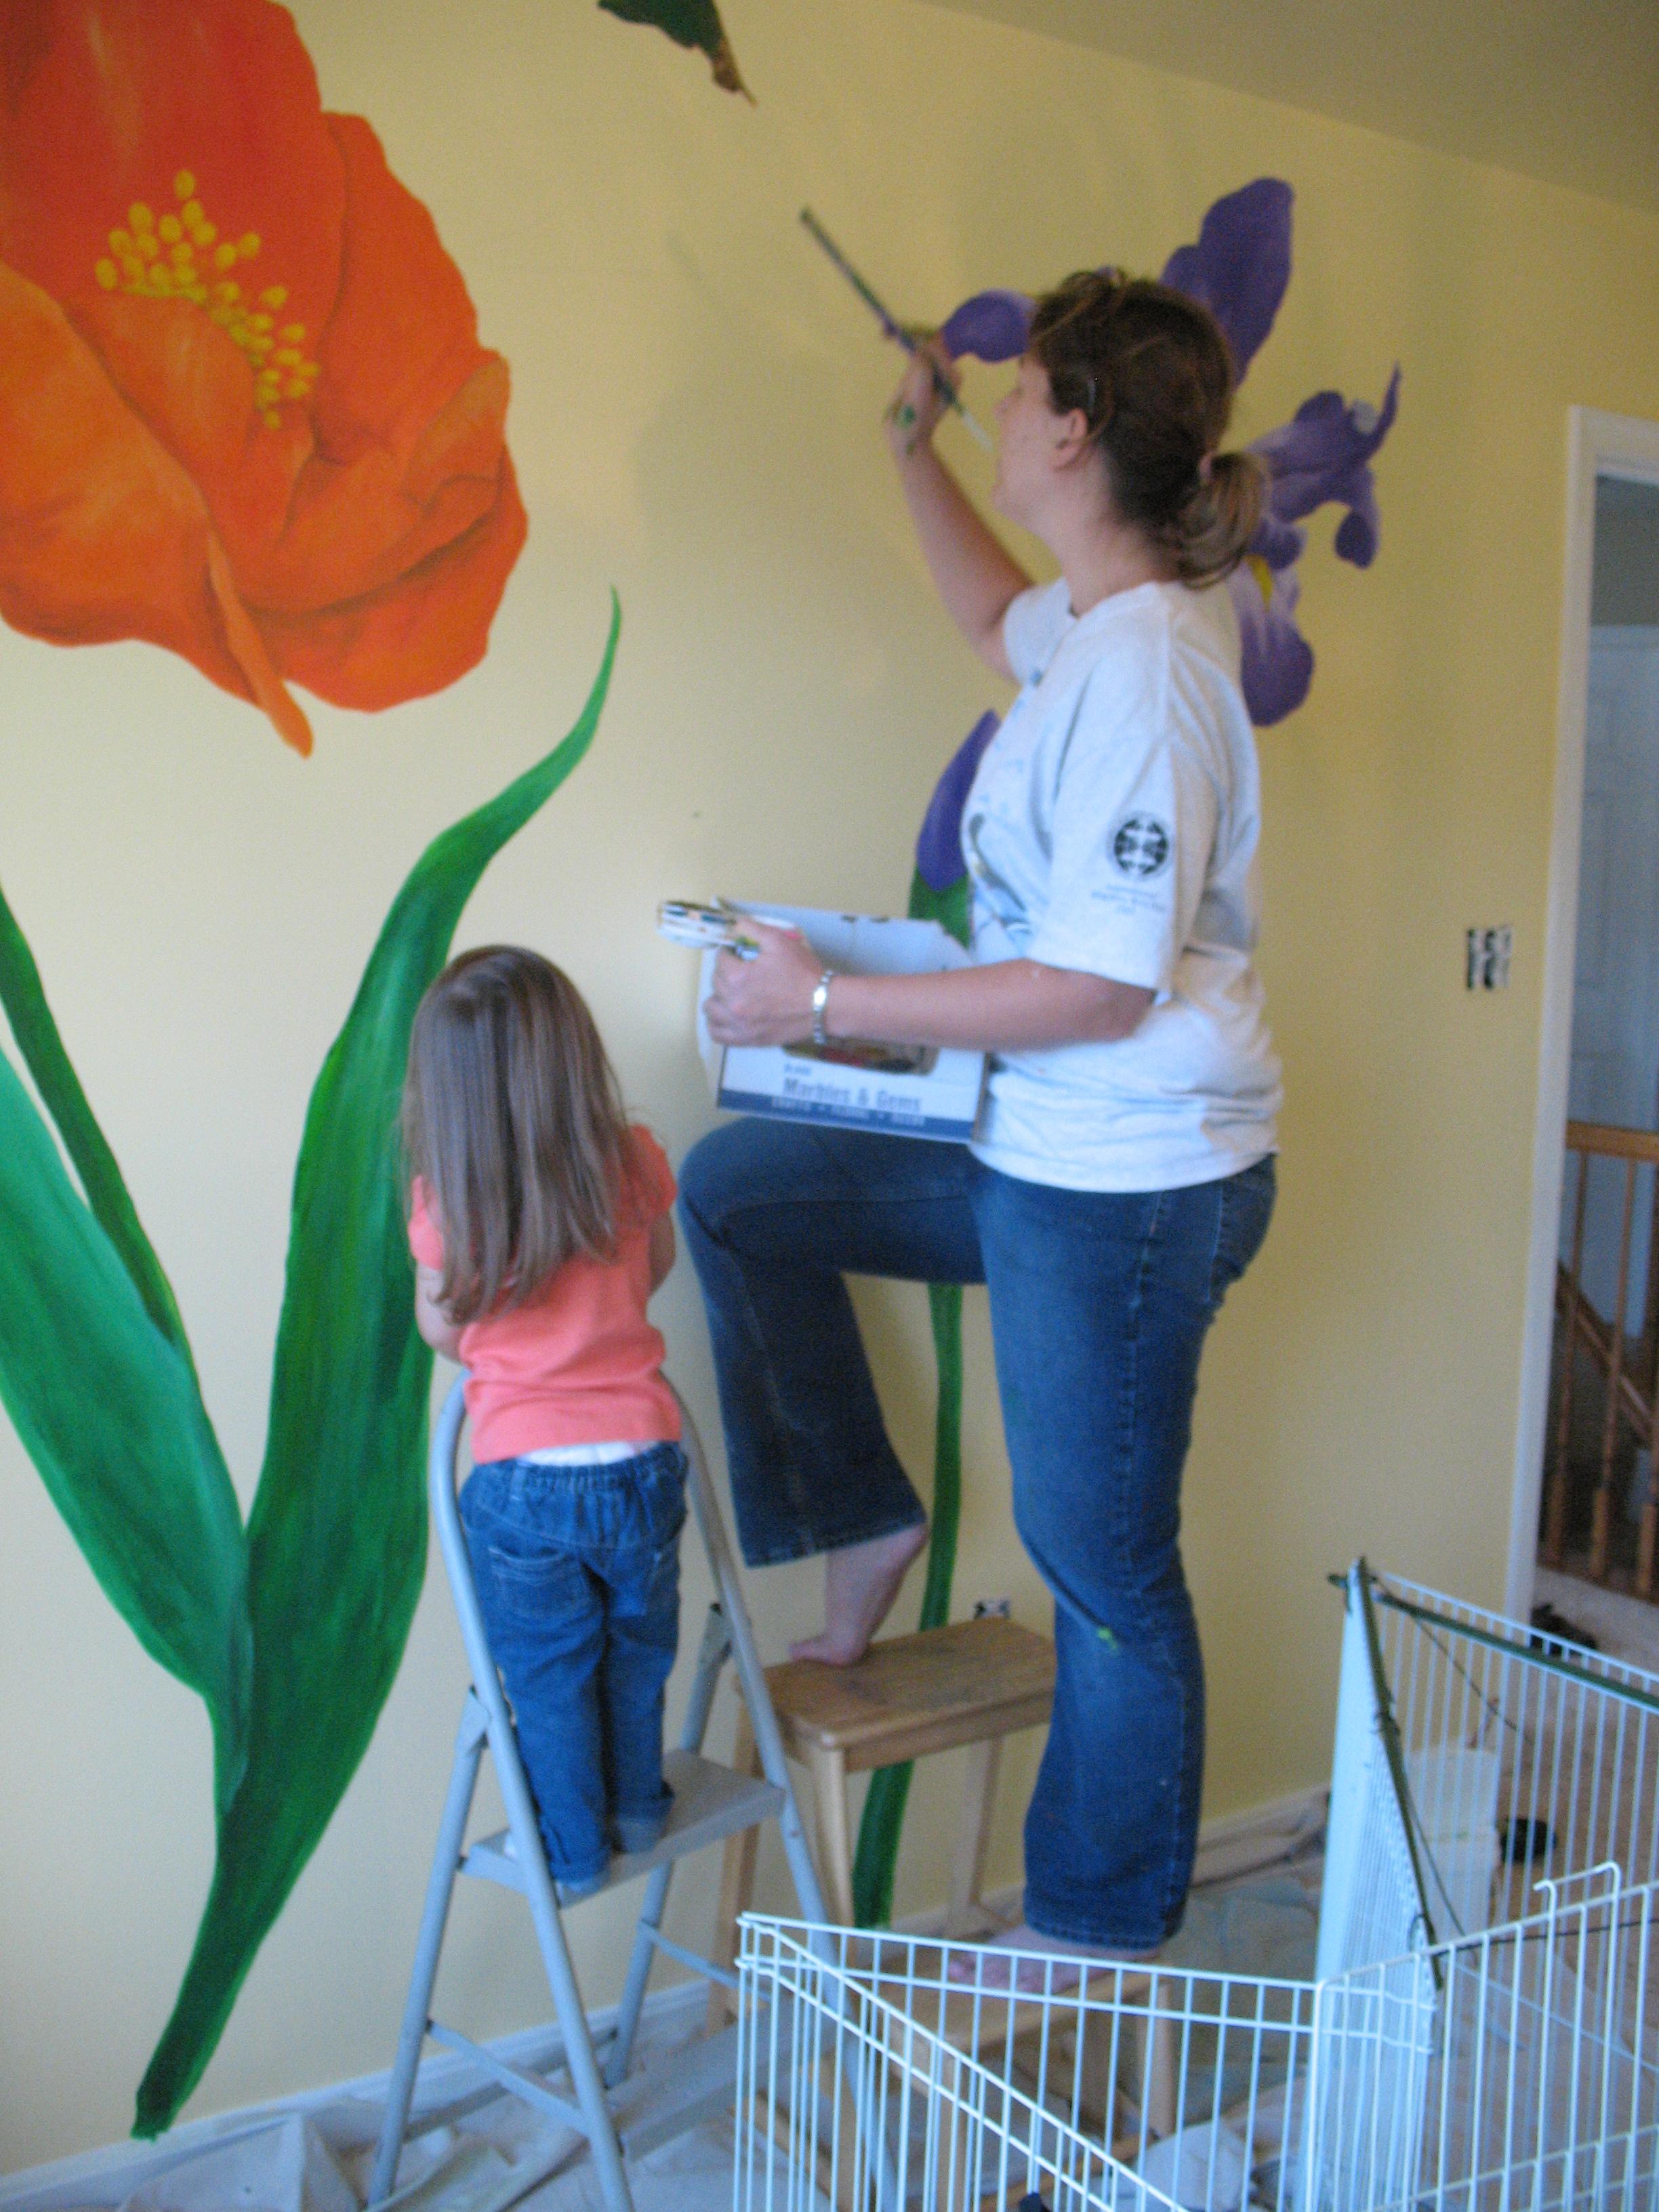 mural-flowers 019.jpg